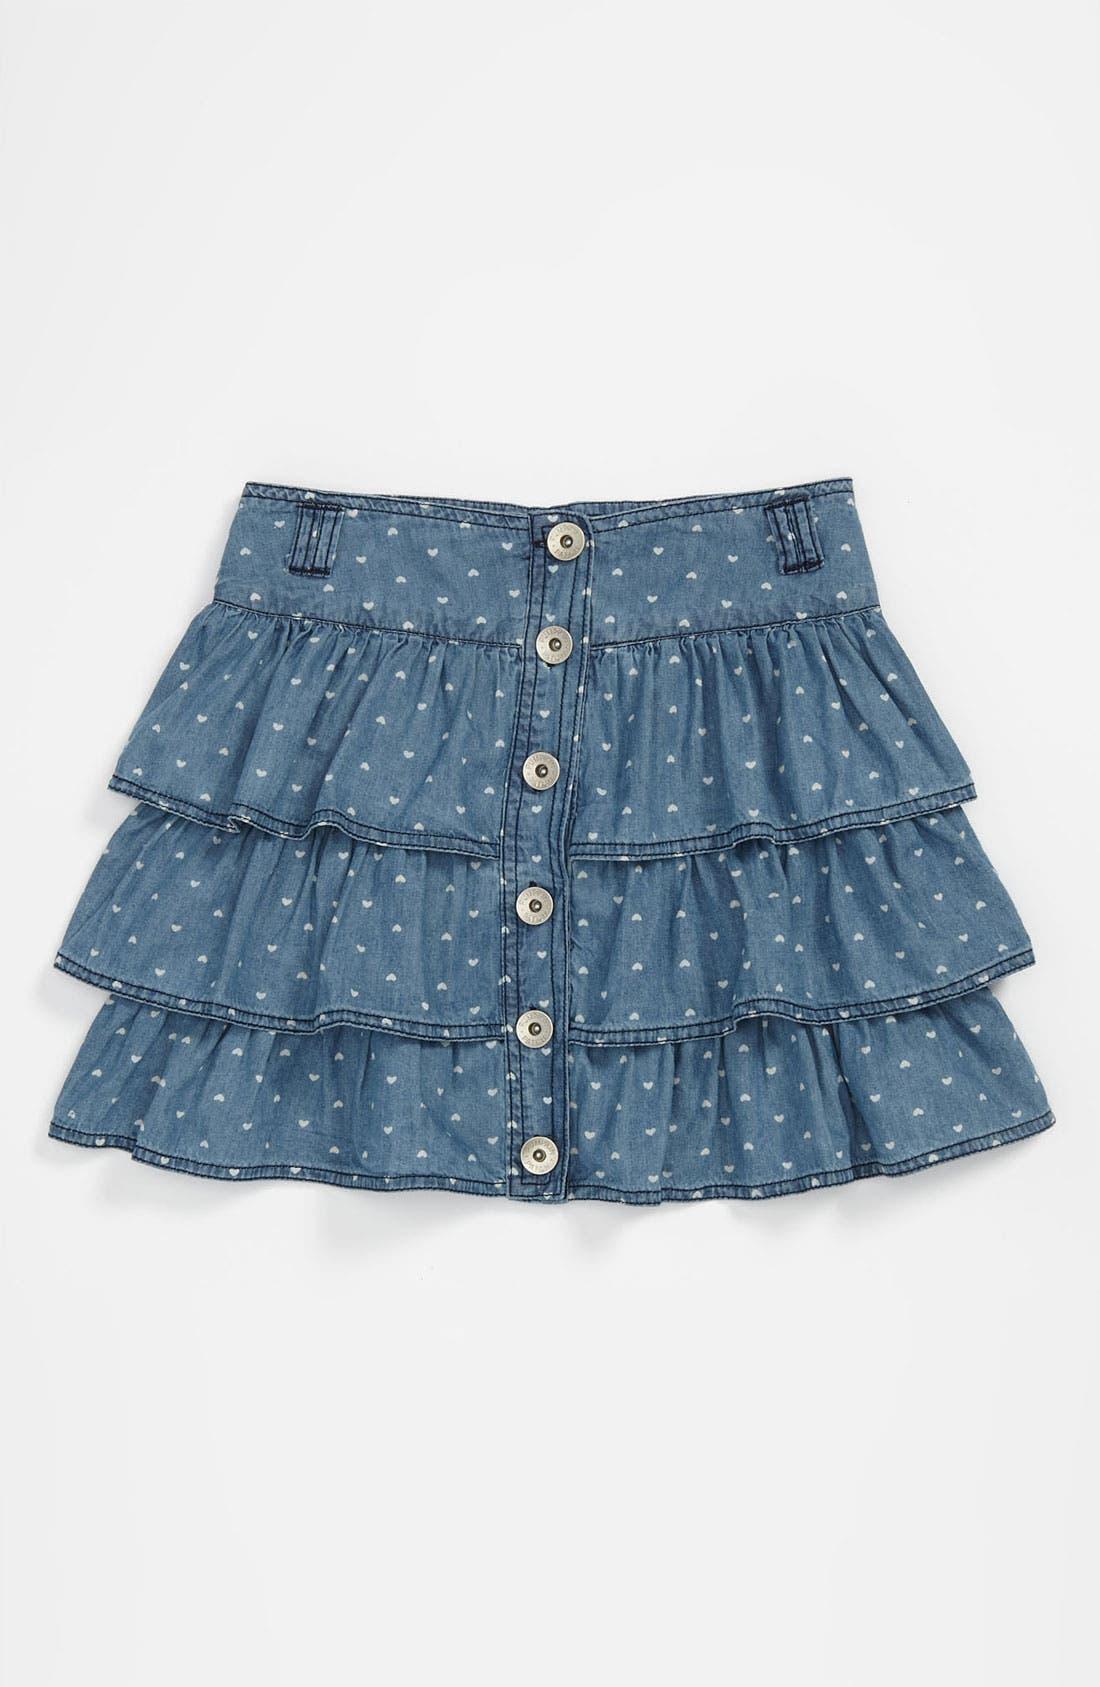 Alternate Image 1 Selected - Pumpkin Patch Heart Print Chambray Skirt (Little Girls & Big Girls)